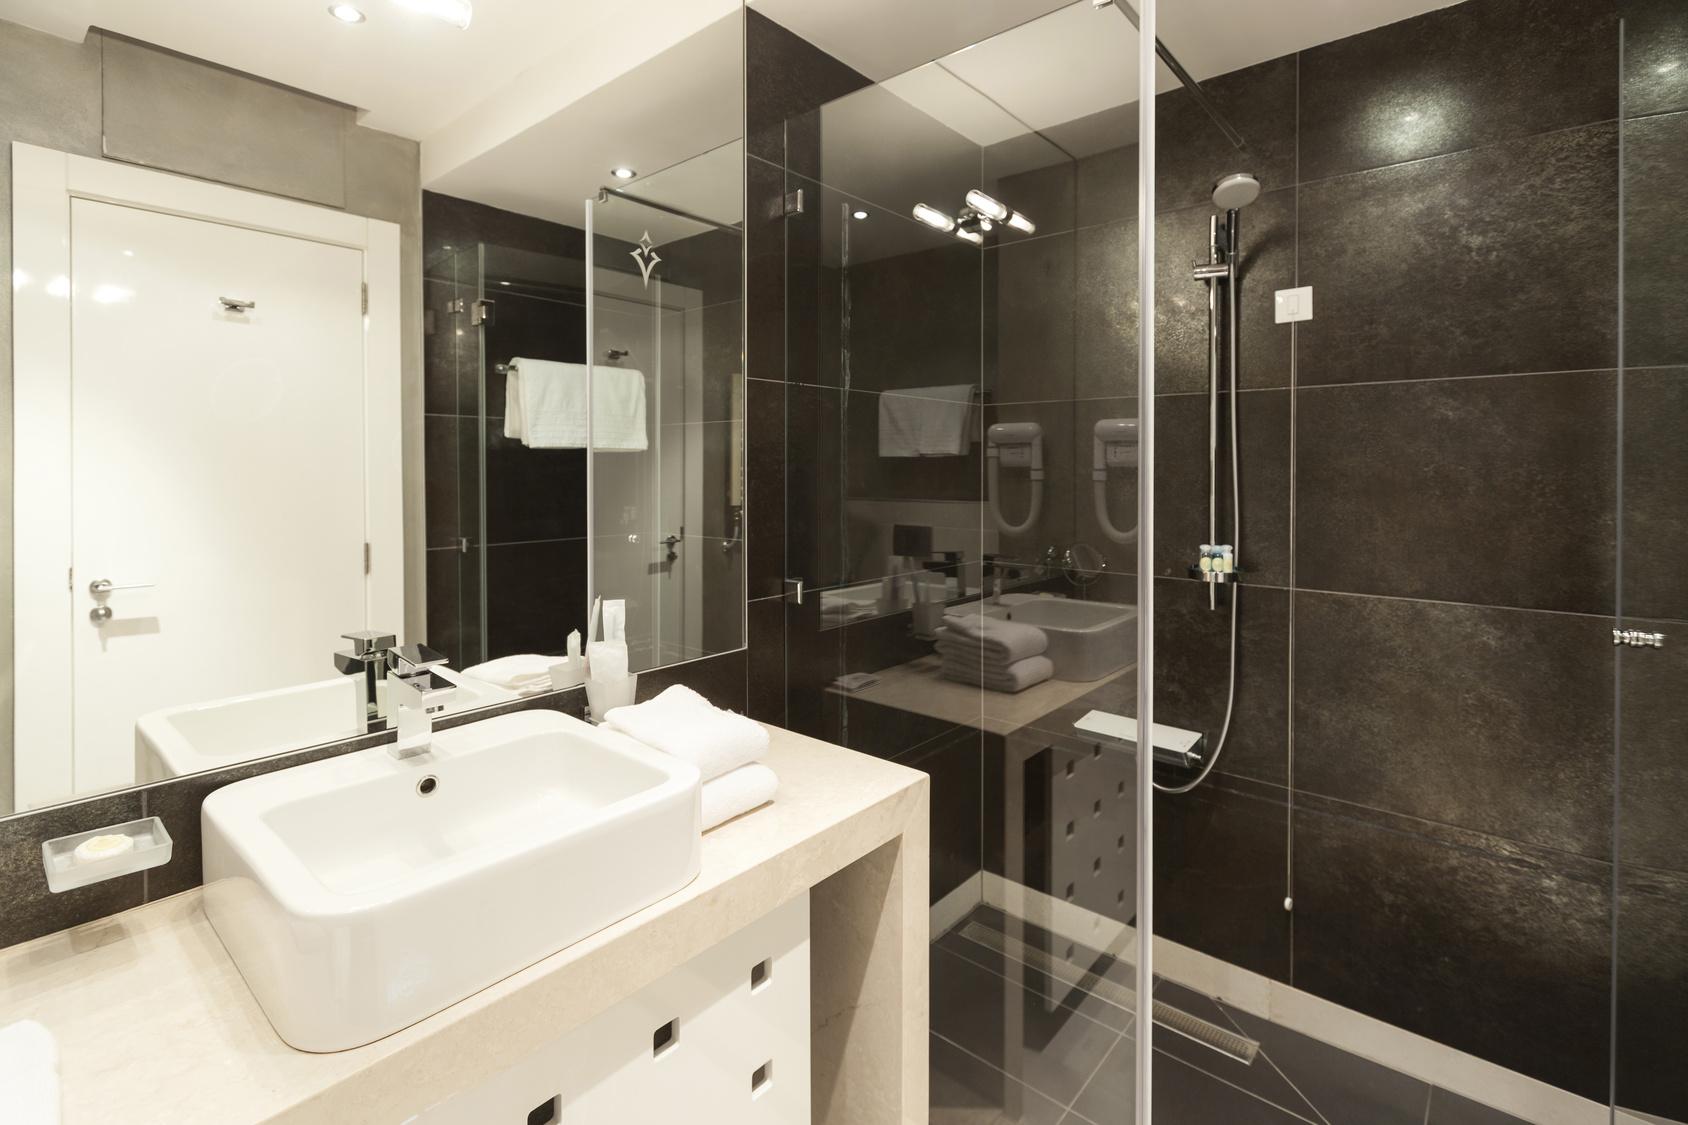 Norme lectrique salle de bain tout ce qu 39 il faut savoir for Reglementation electrique salle de bain